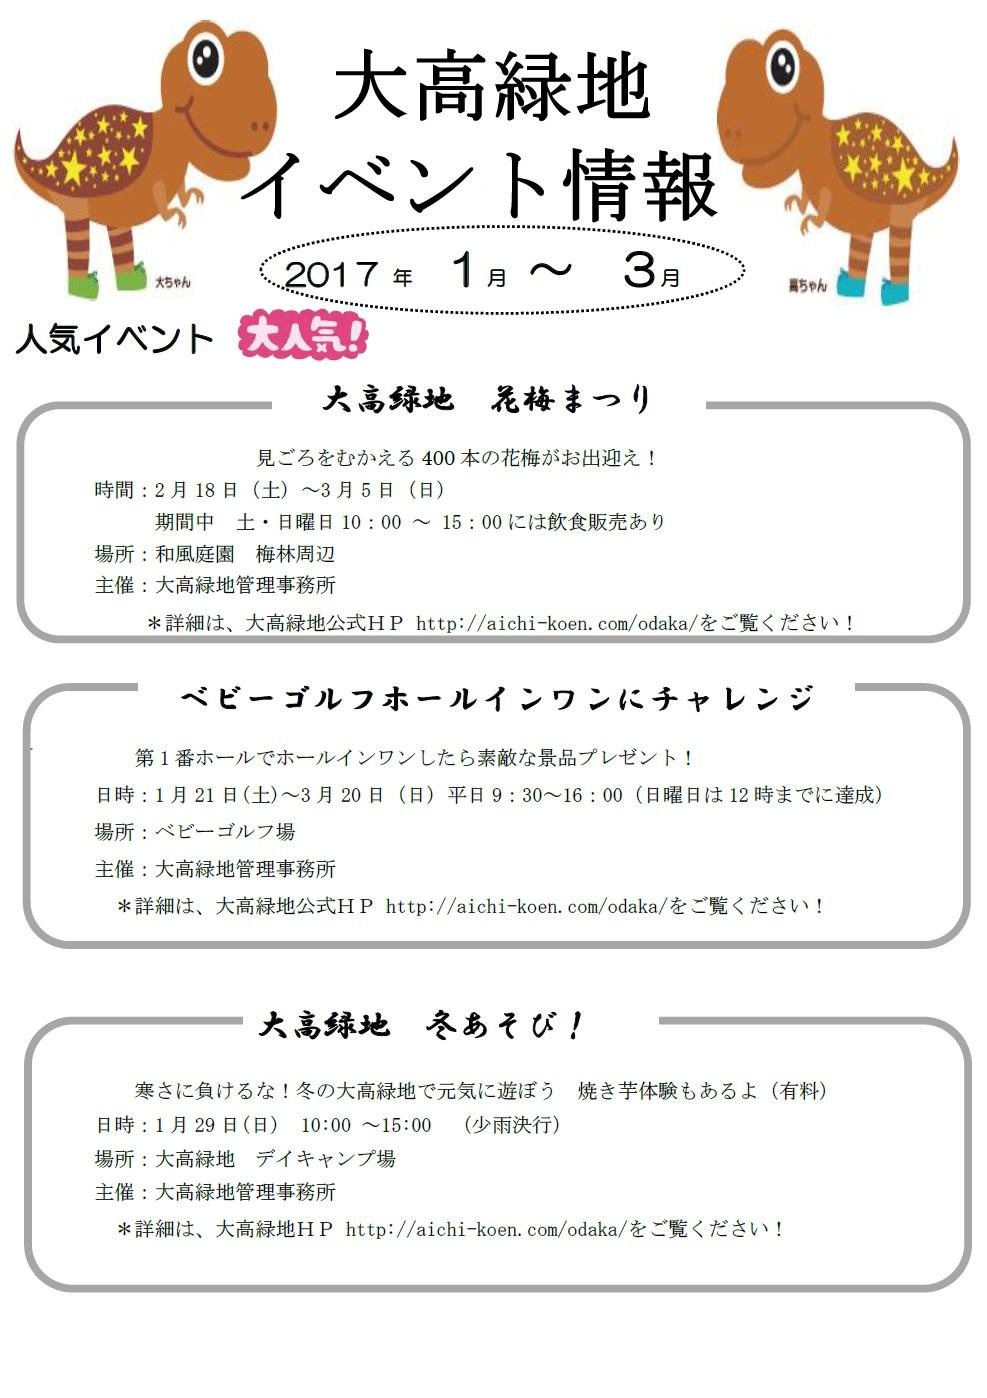 イベント情報四半期1〜3jpg